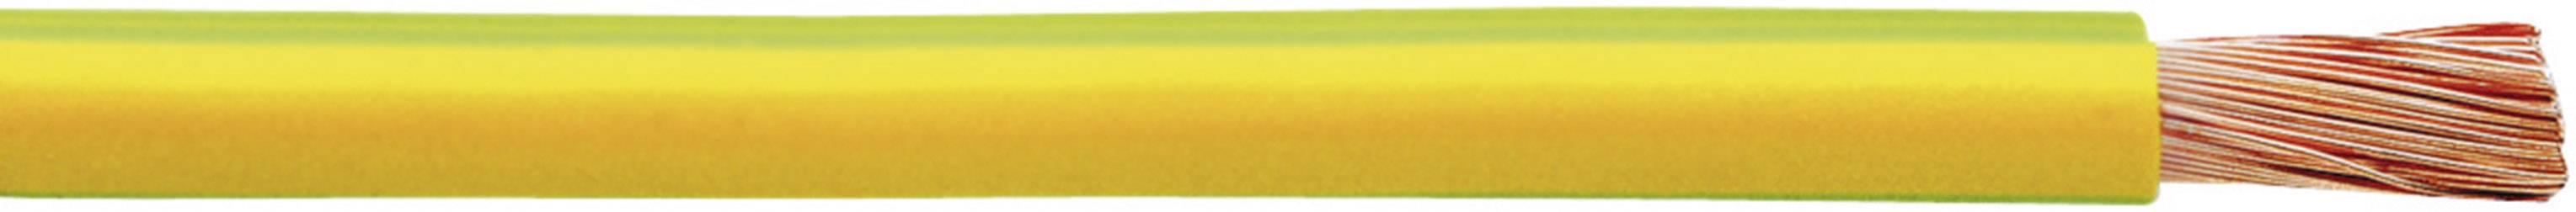 Pletenica H07V-K 1 x 1.50 mm, rjava Faber Kabel 040030 100 m